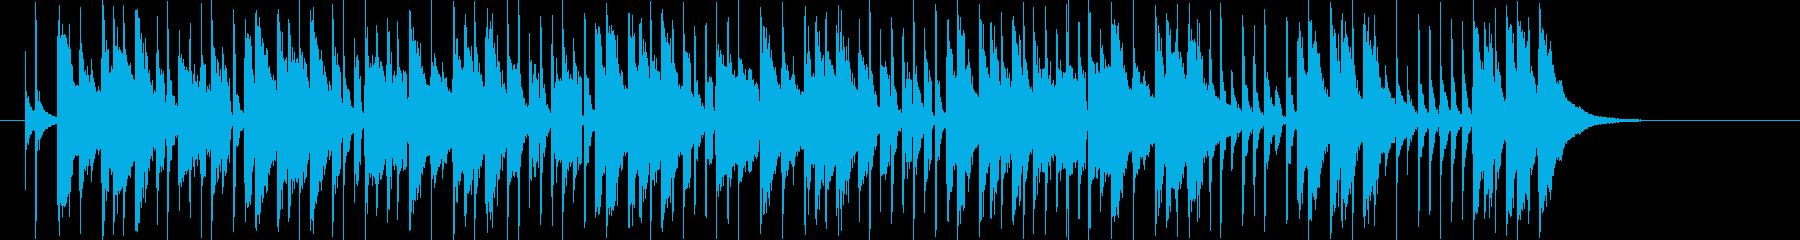 緩やかでリズミカルなシンセポップジングルの再生済みの波形